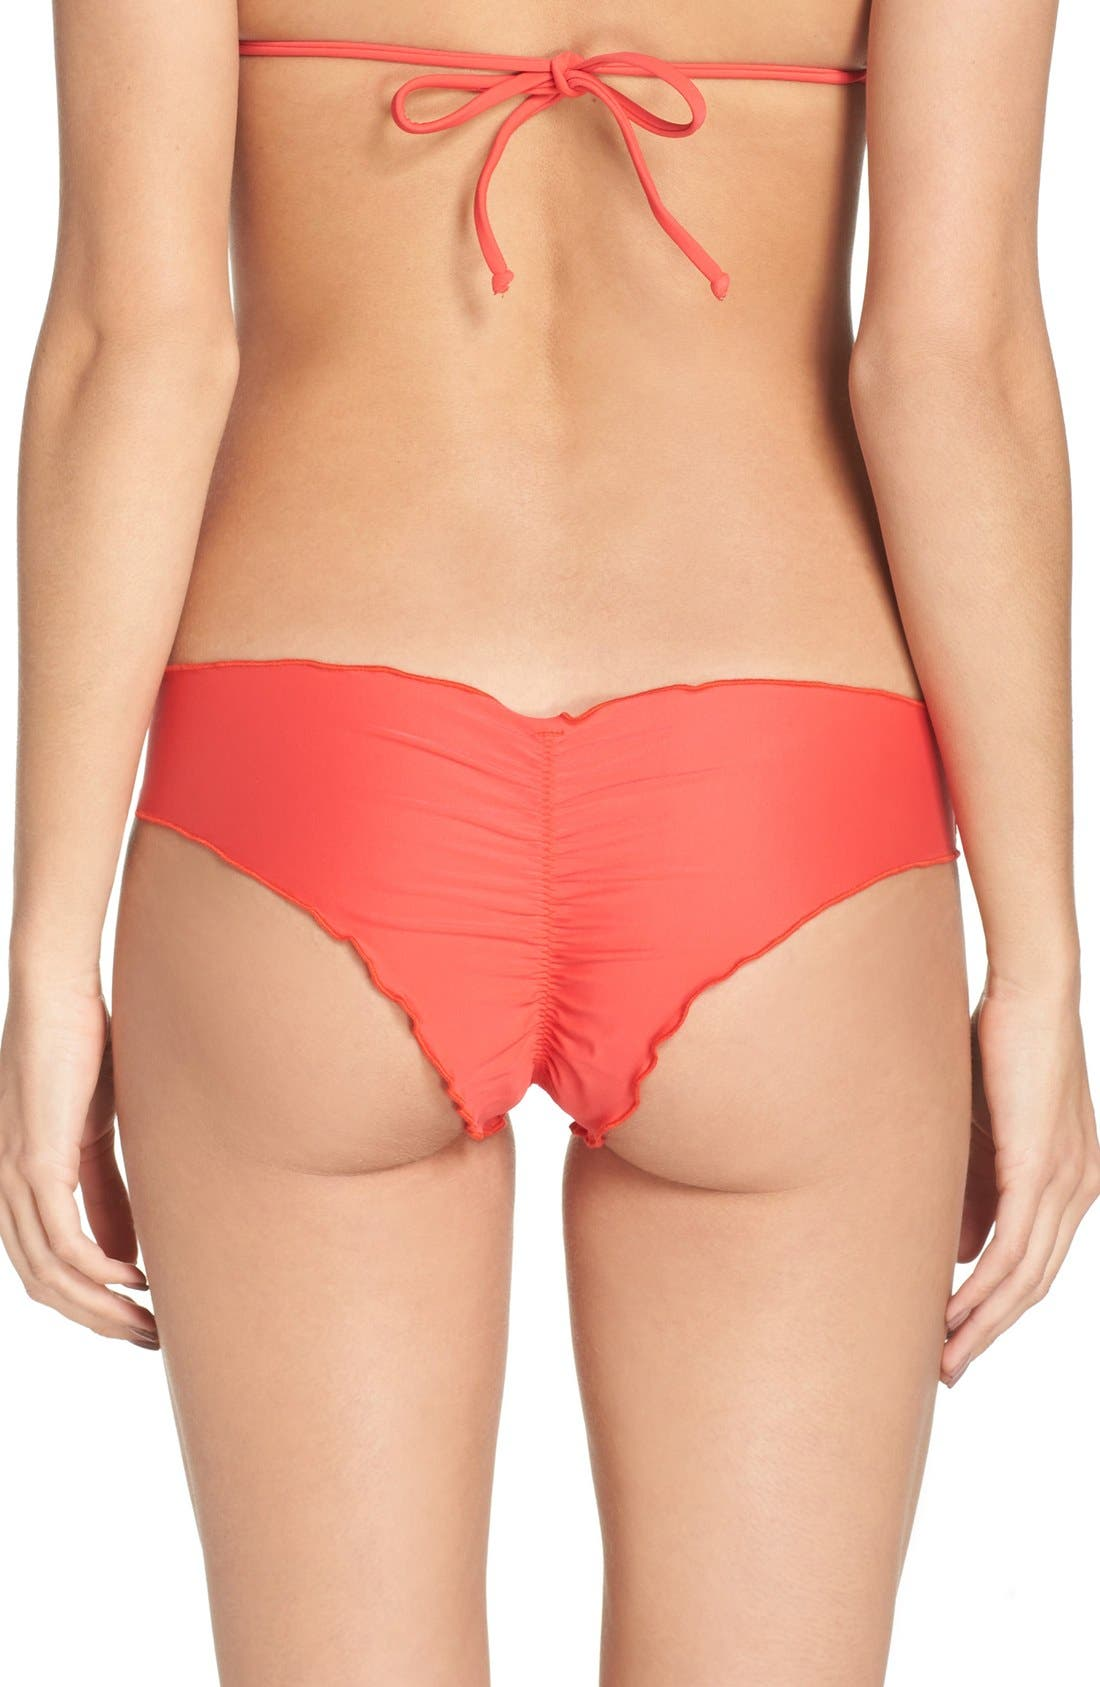 Alternate Image 1 Selected - Luli Fama 'Wavy' Brazilian Bikini Bottoms